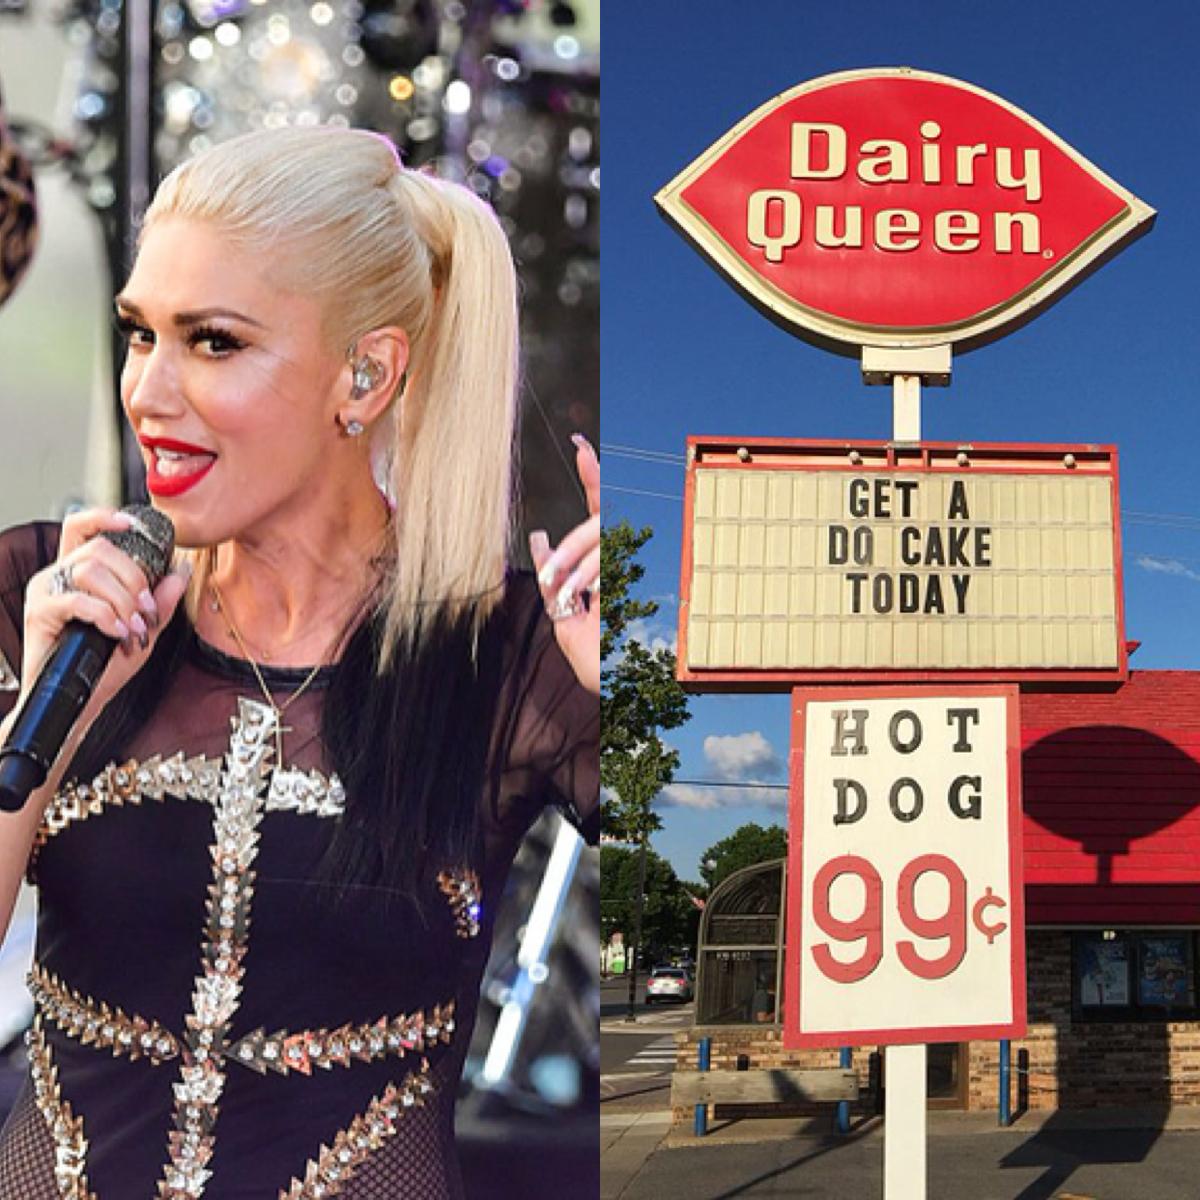 グウェン・ステファニー(49)は、ソフトクリーム店「デイリークイーン」でアルバイト。人生初の給料で買ったのは、当時ハマっていた歌手ショーン・キャシディ(60)のアルバムだったとか。何ともアーティストらしい思い出。